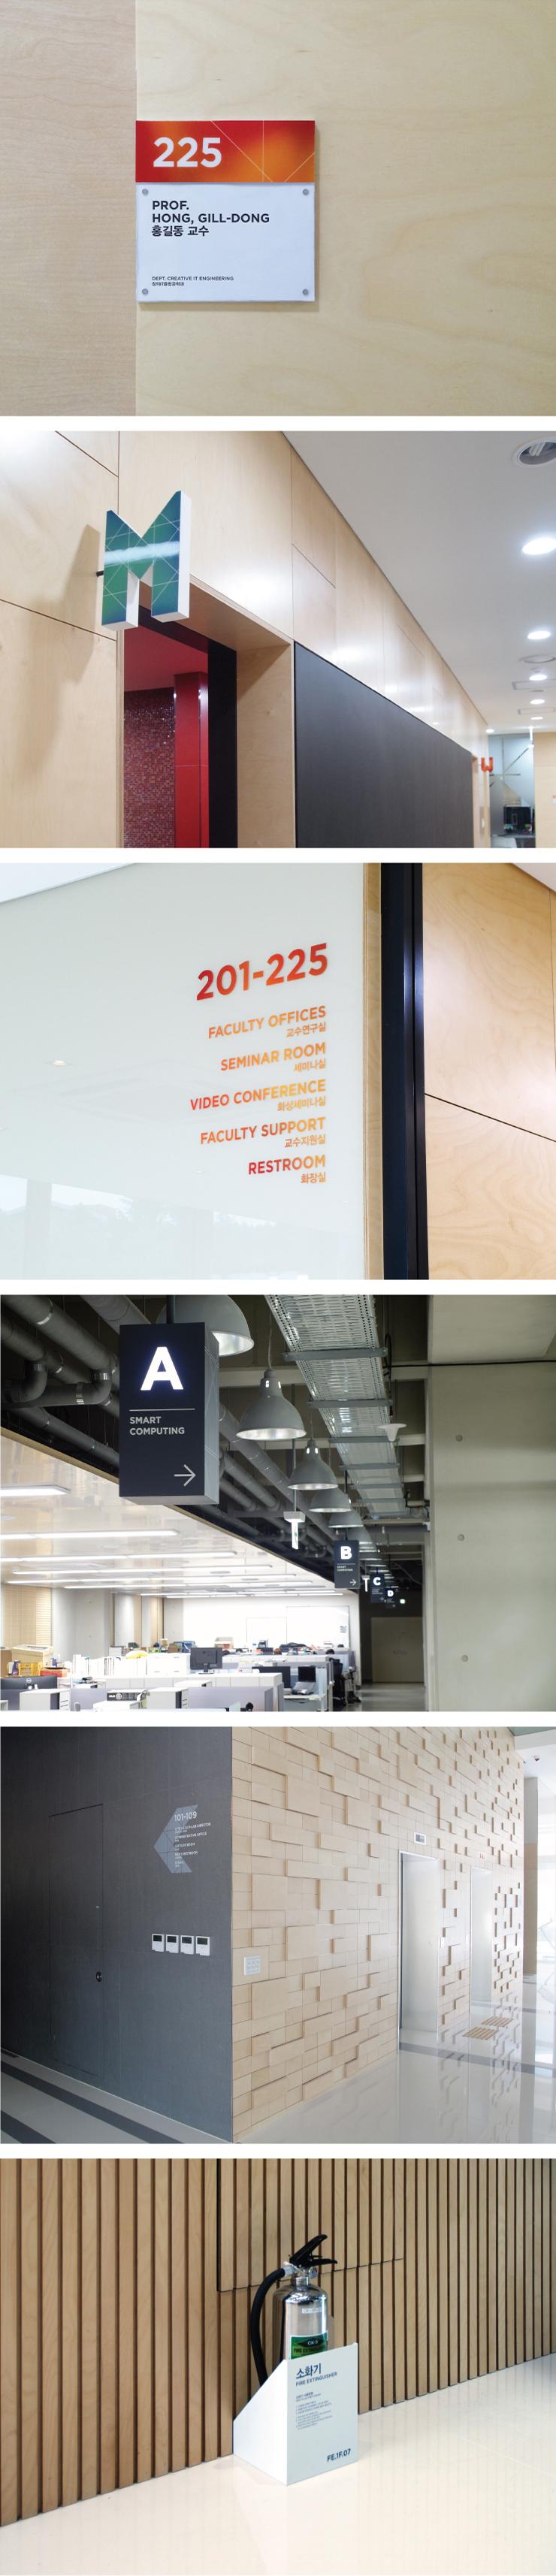 韩国导视,韩国标识,韩国标牌,韩国指示系统,韩国浦项市科技大学科研中心 © Atelier Don-Gha